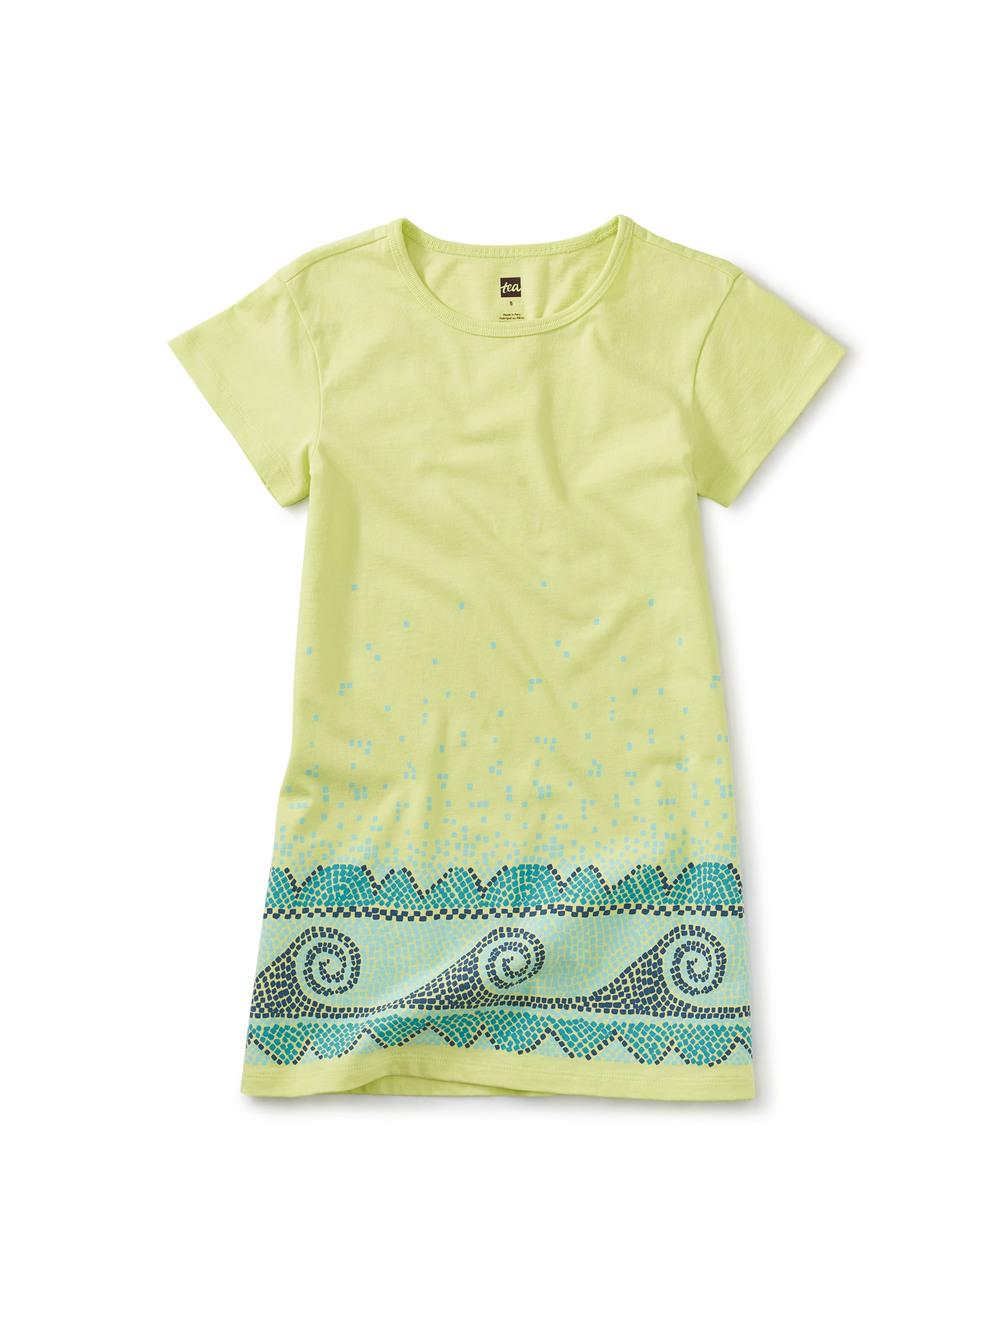 To-a-T T-Shirt Dress